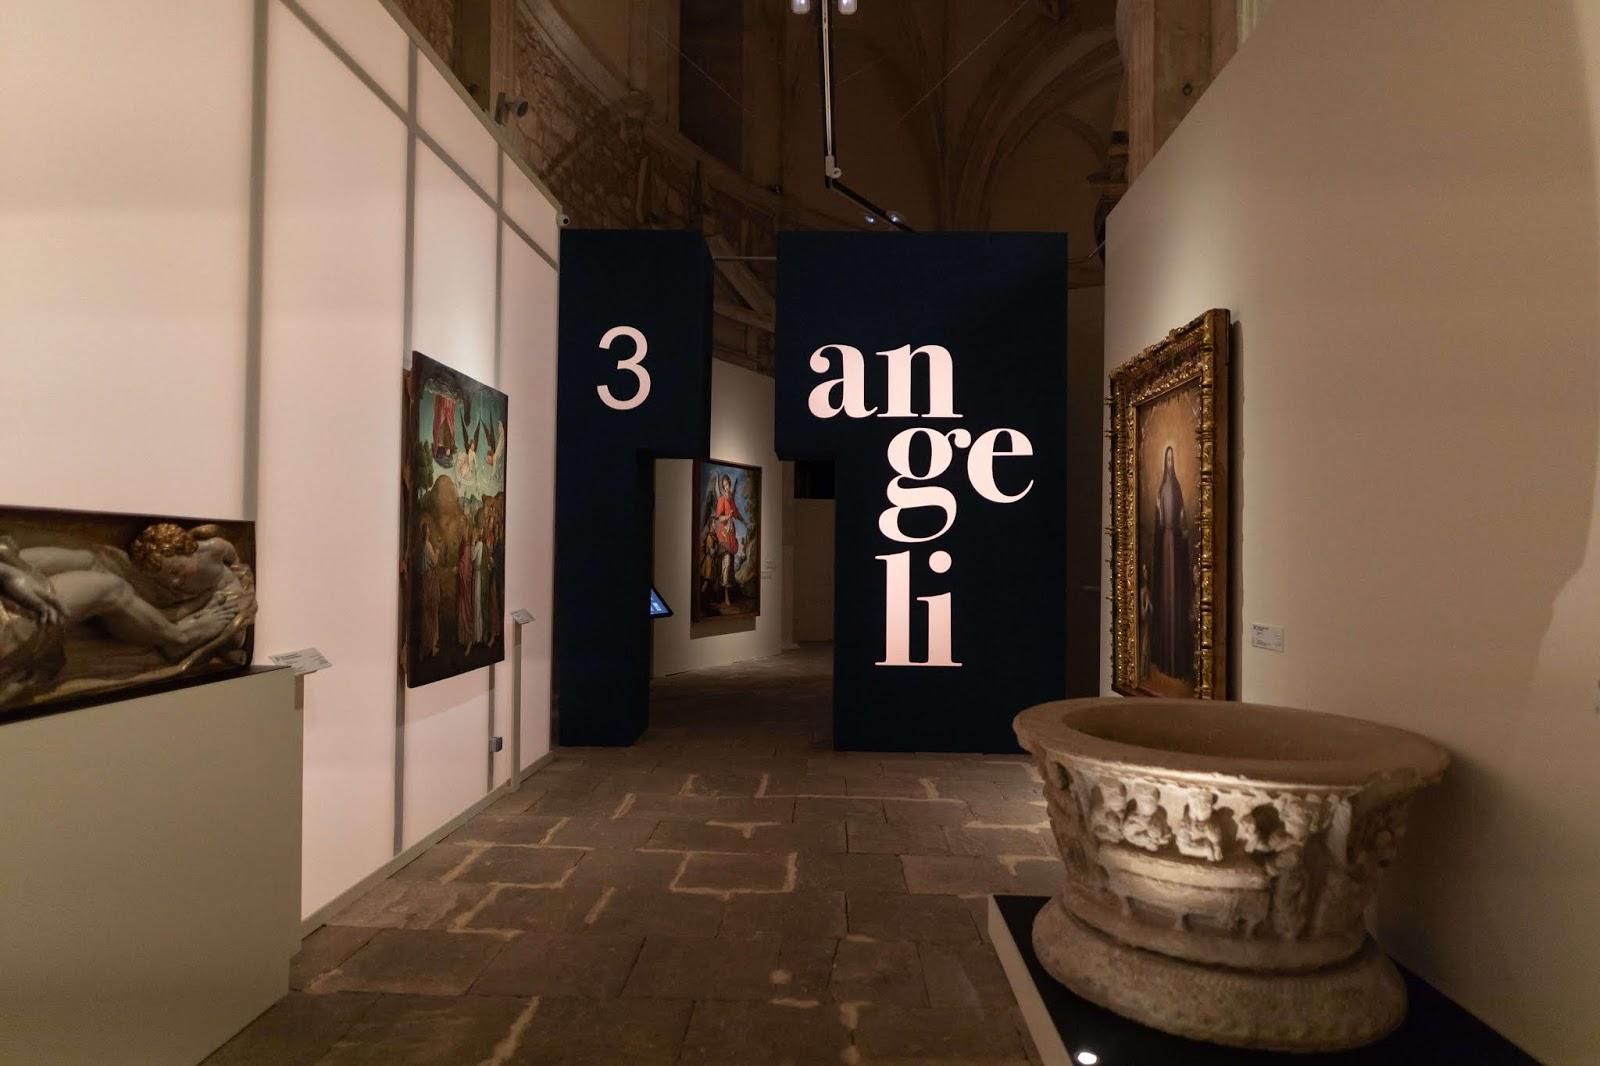 Angeli Sala III